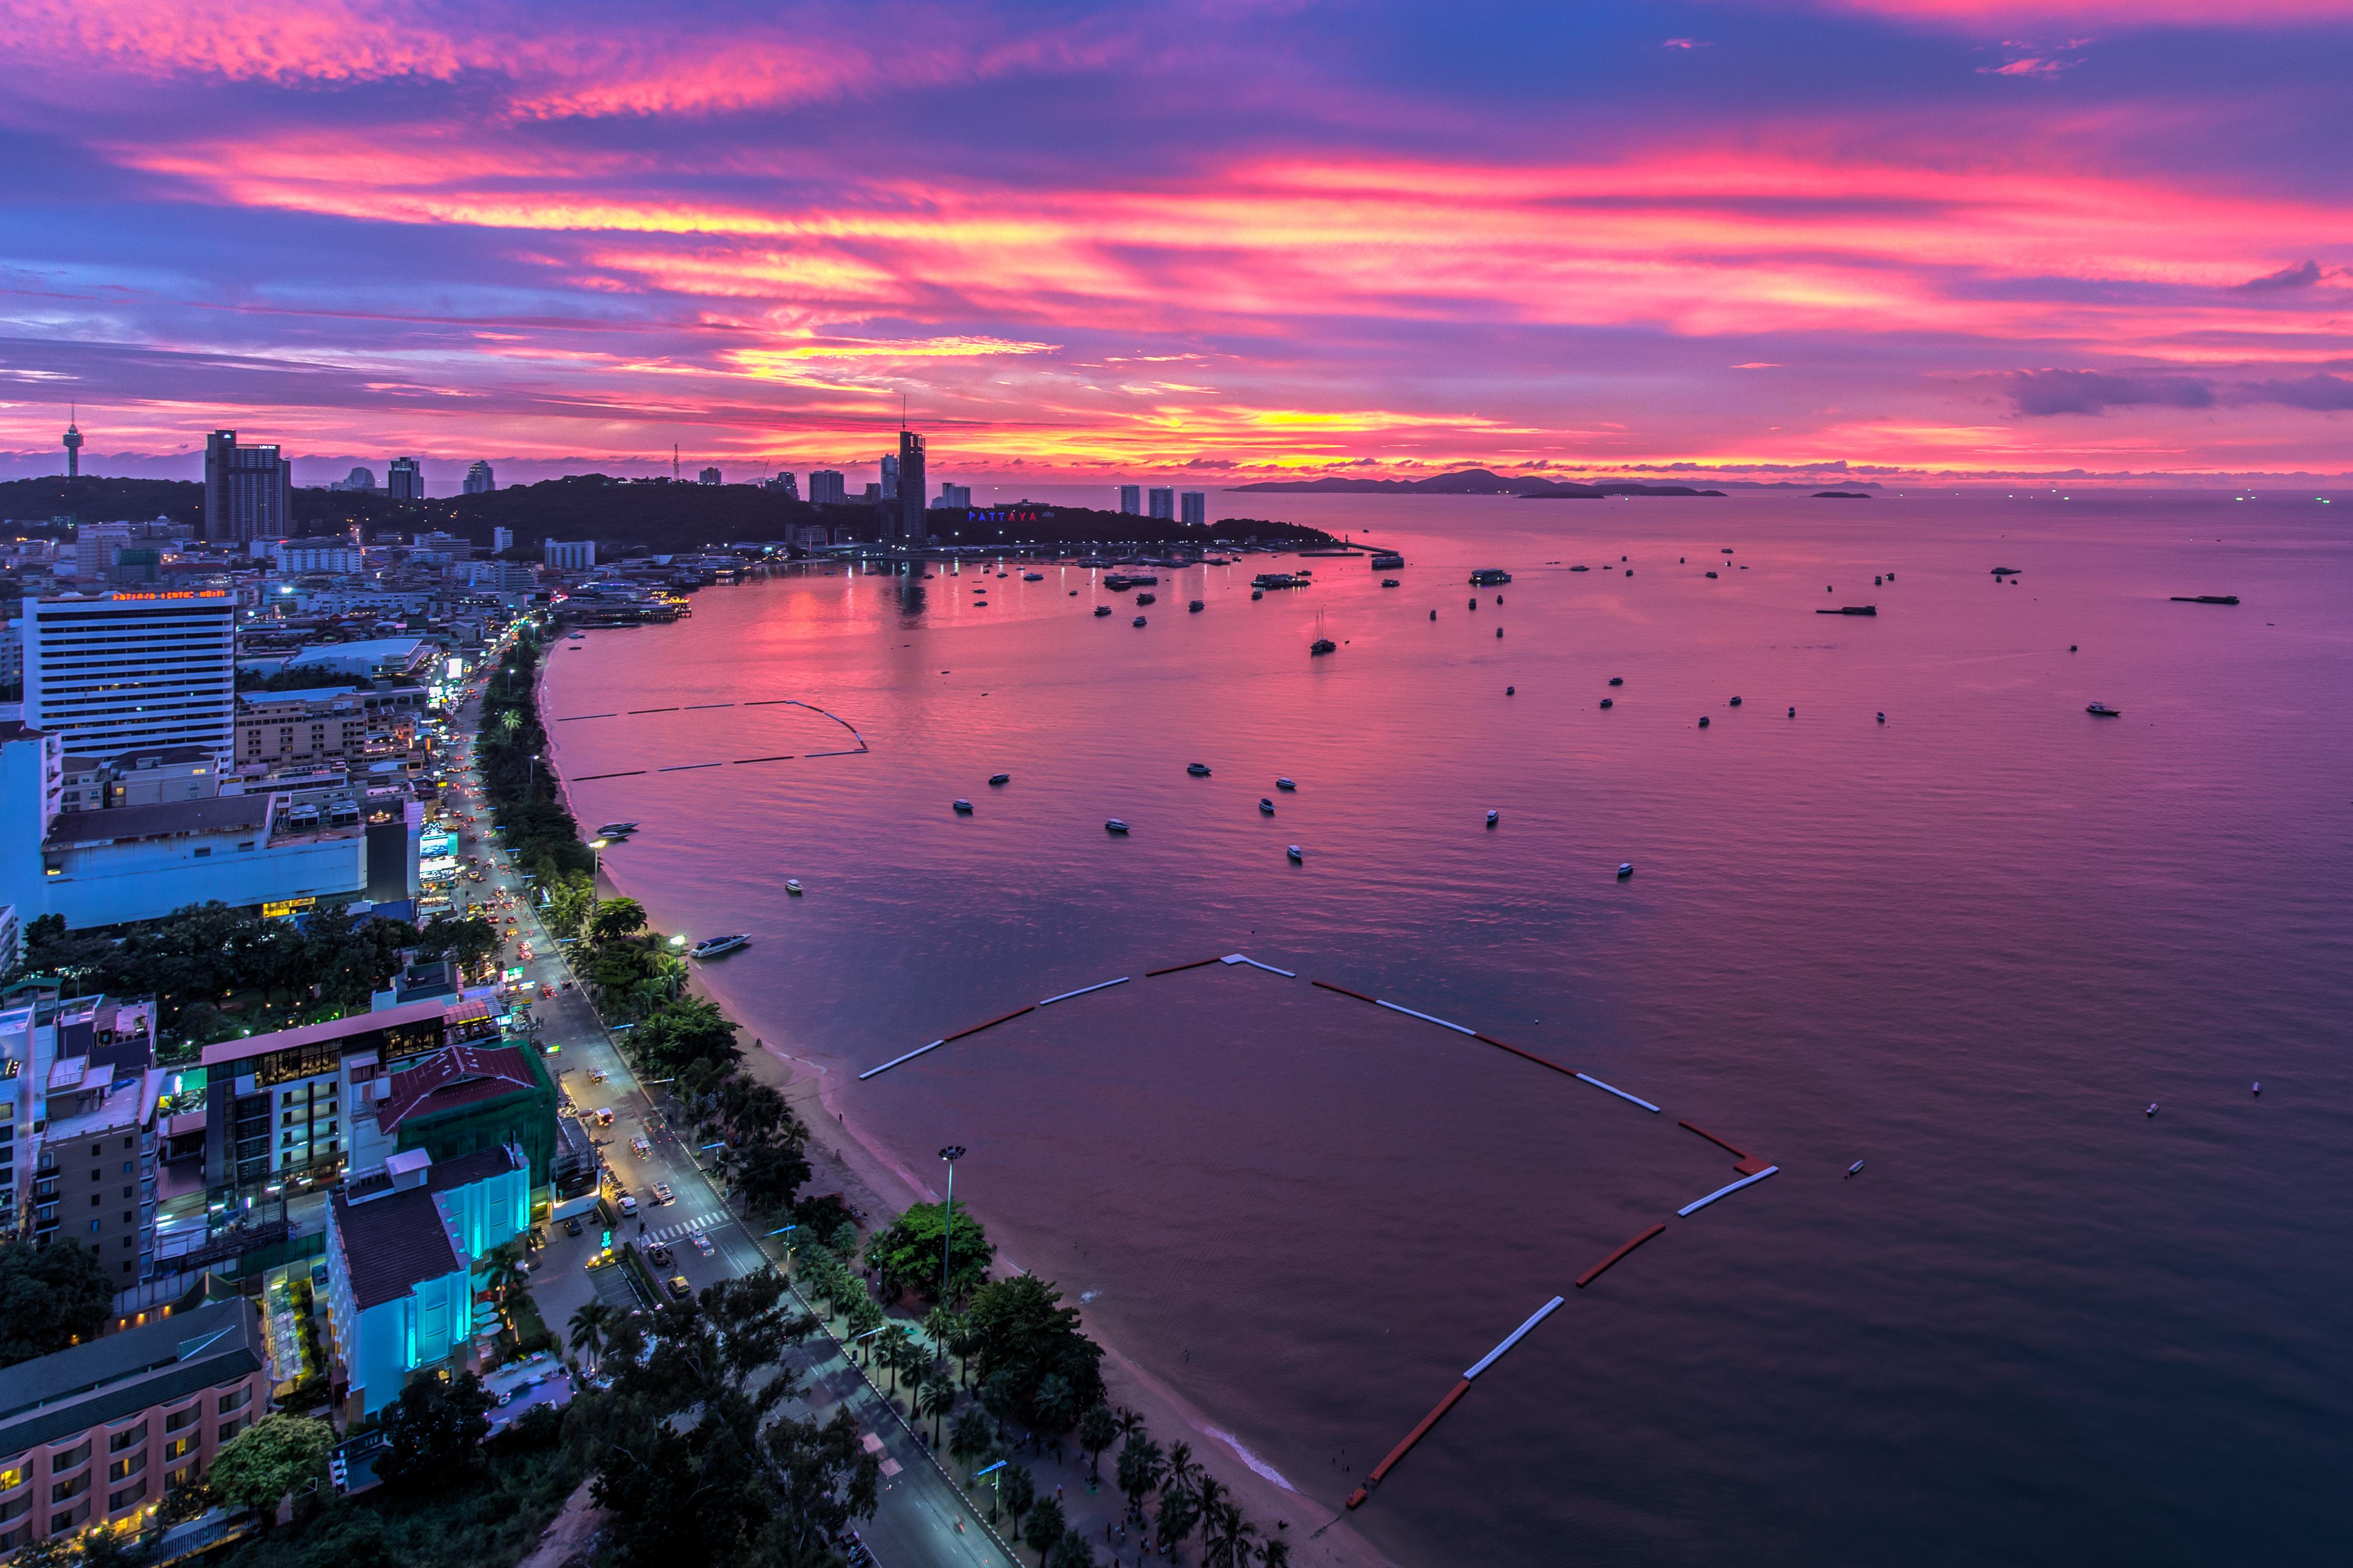 【จังหวัดชลบุรี】すぐにタイに帰国して日系企業で技術営業として働きたい方!